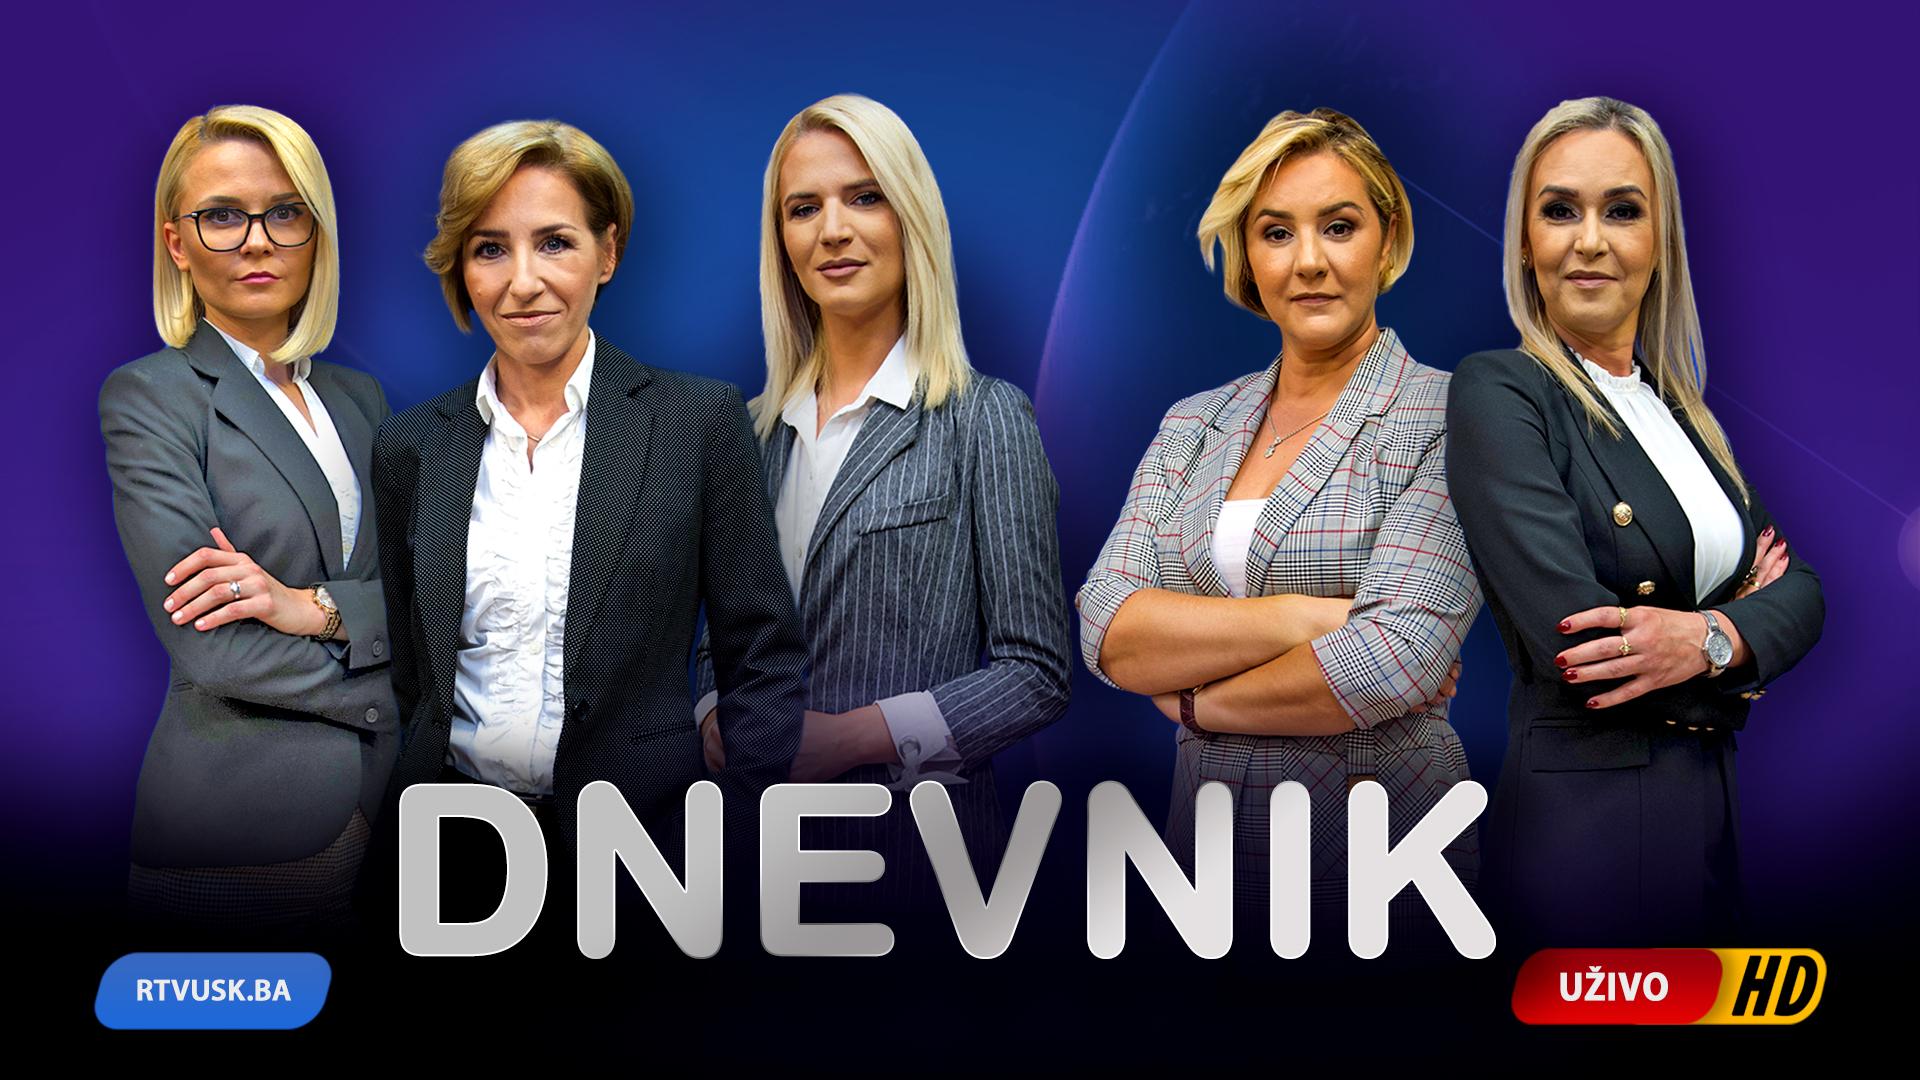 DNEVNIK RTV USK, informativni program